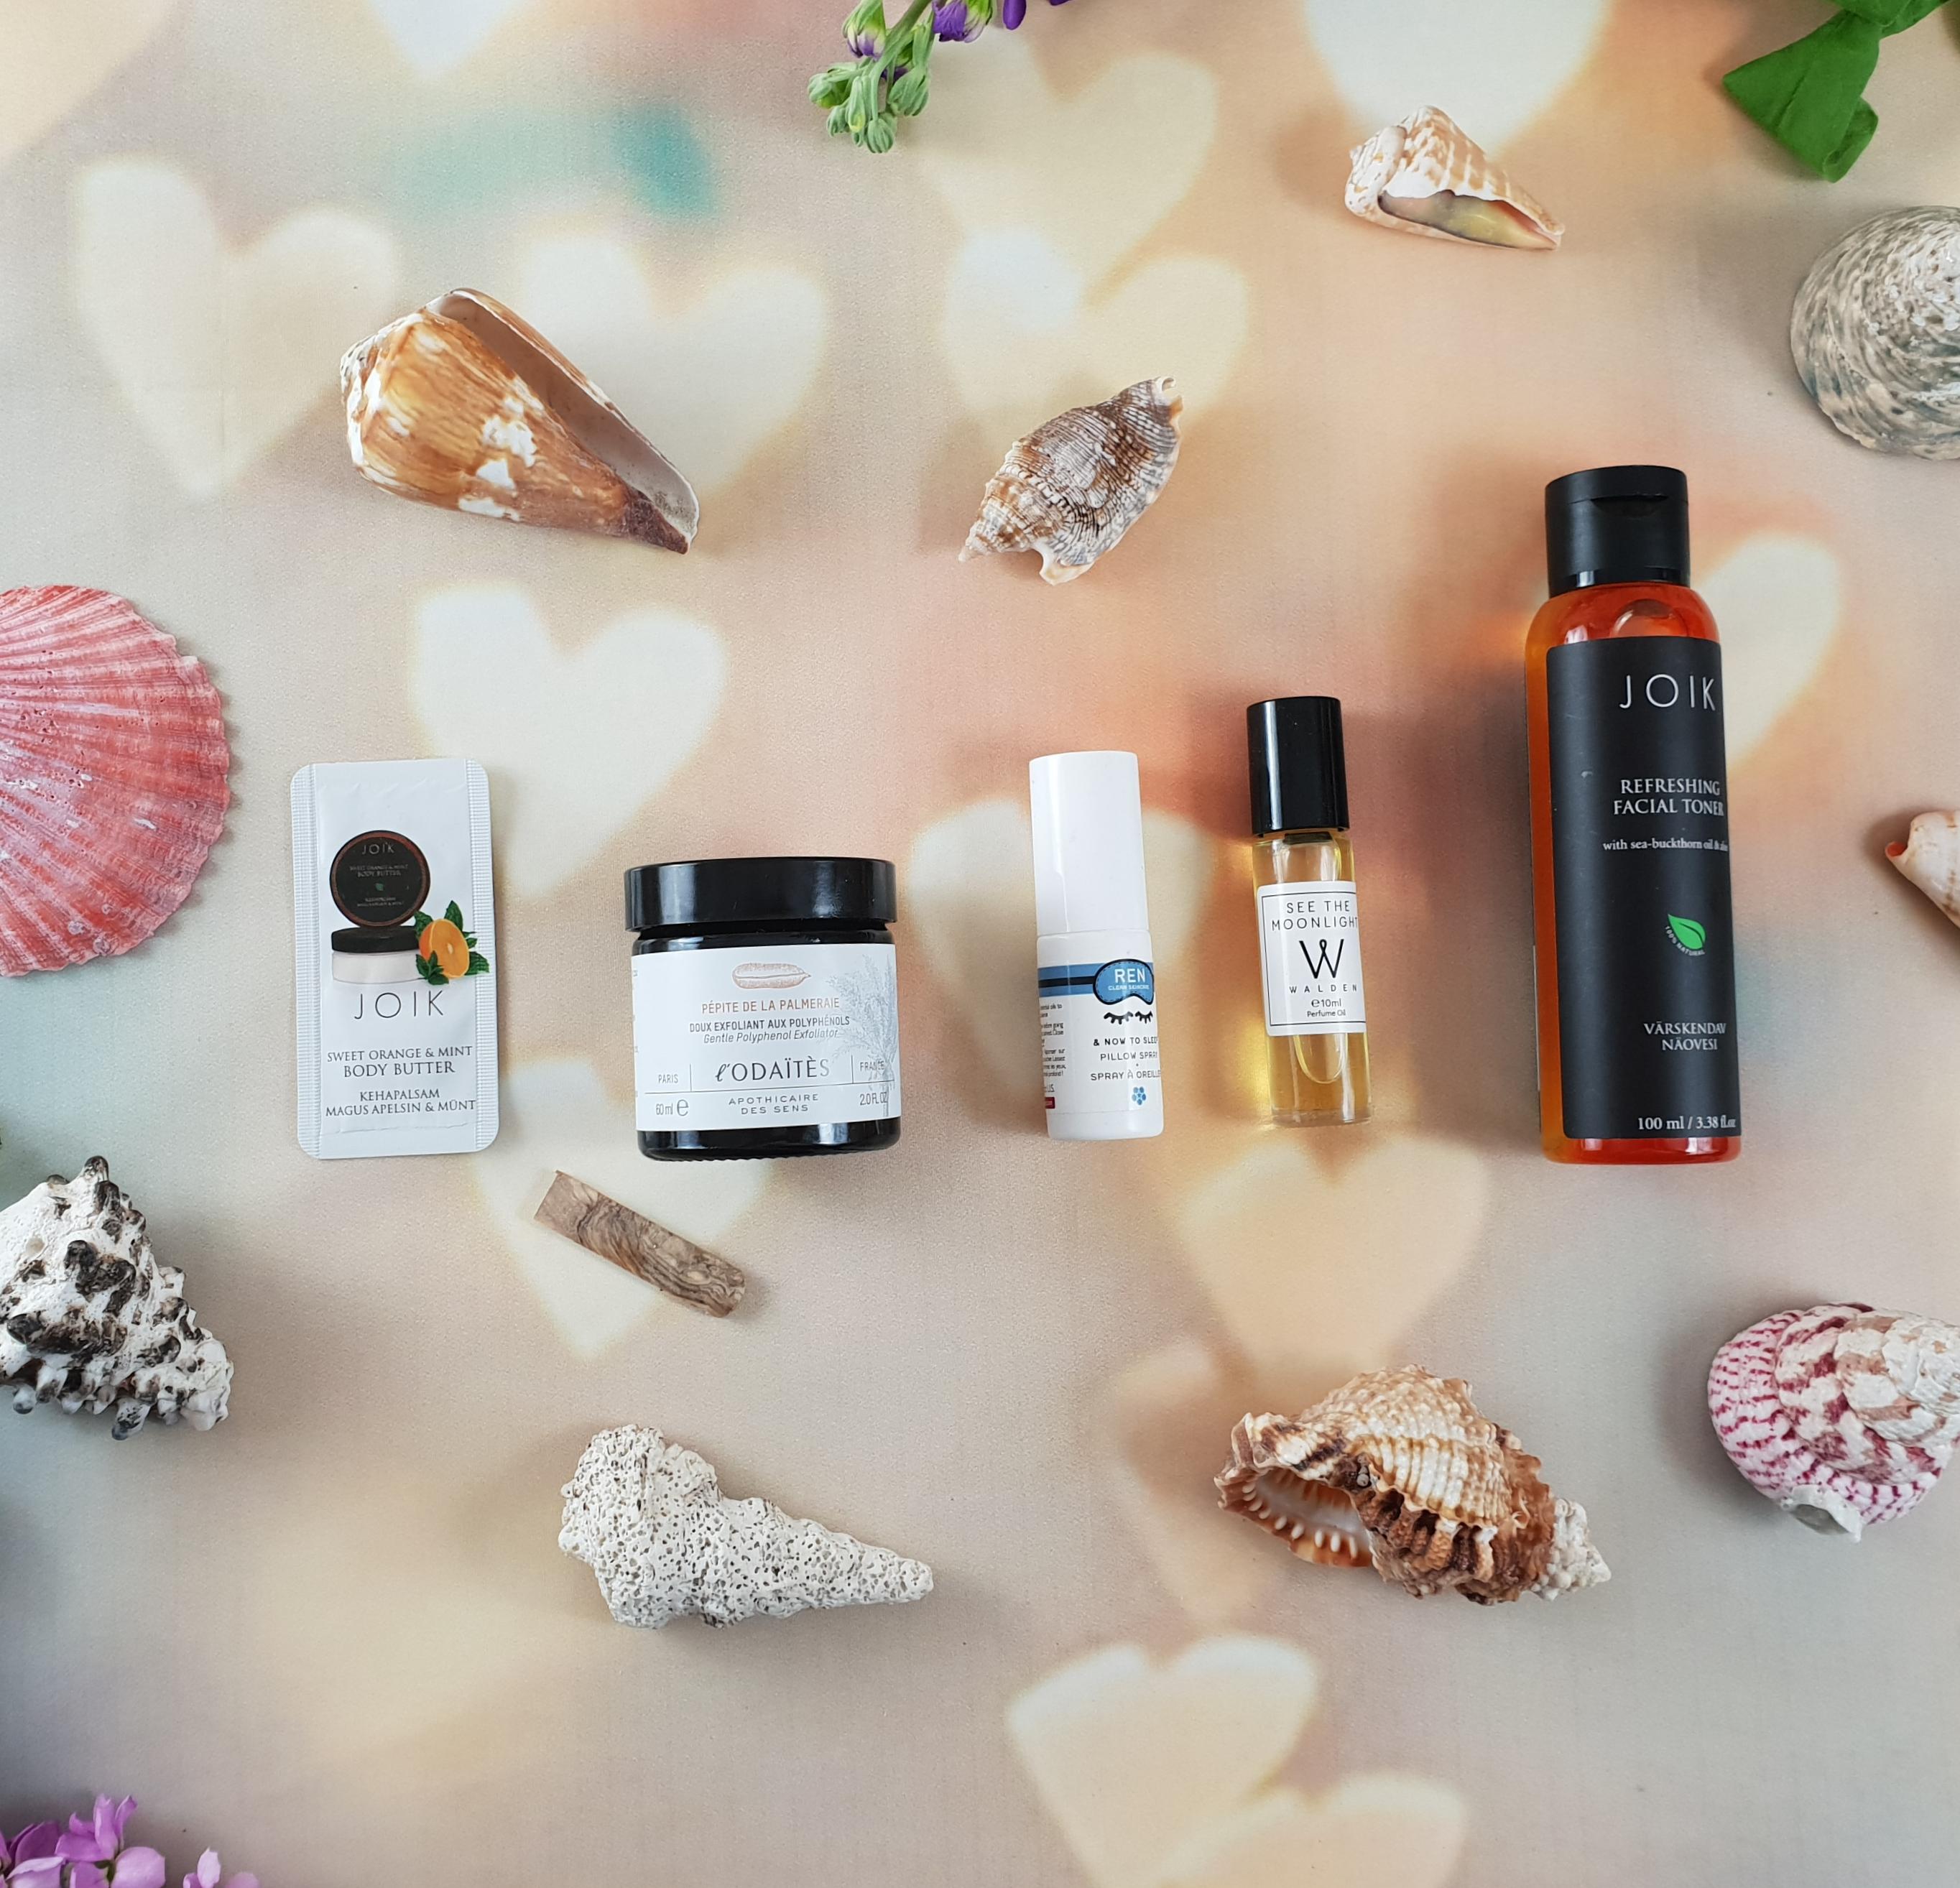 LoveLula Beauty Box June